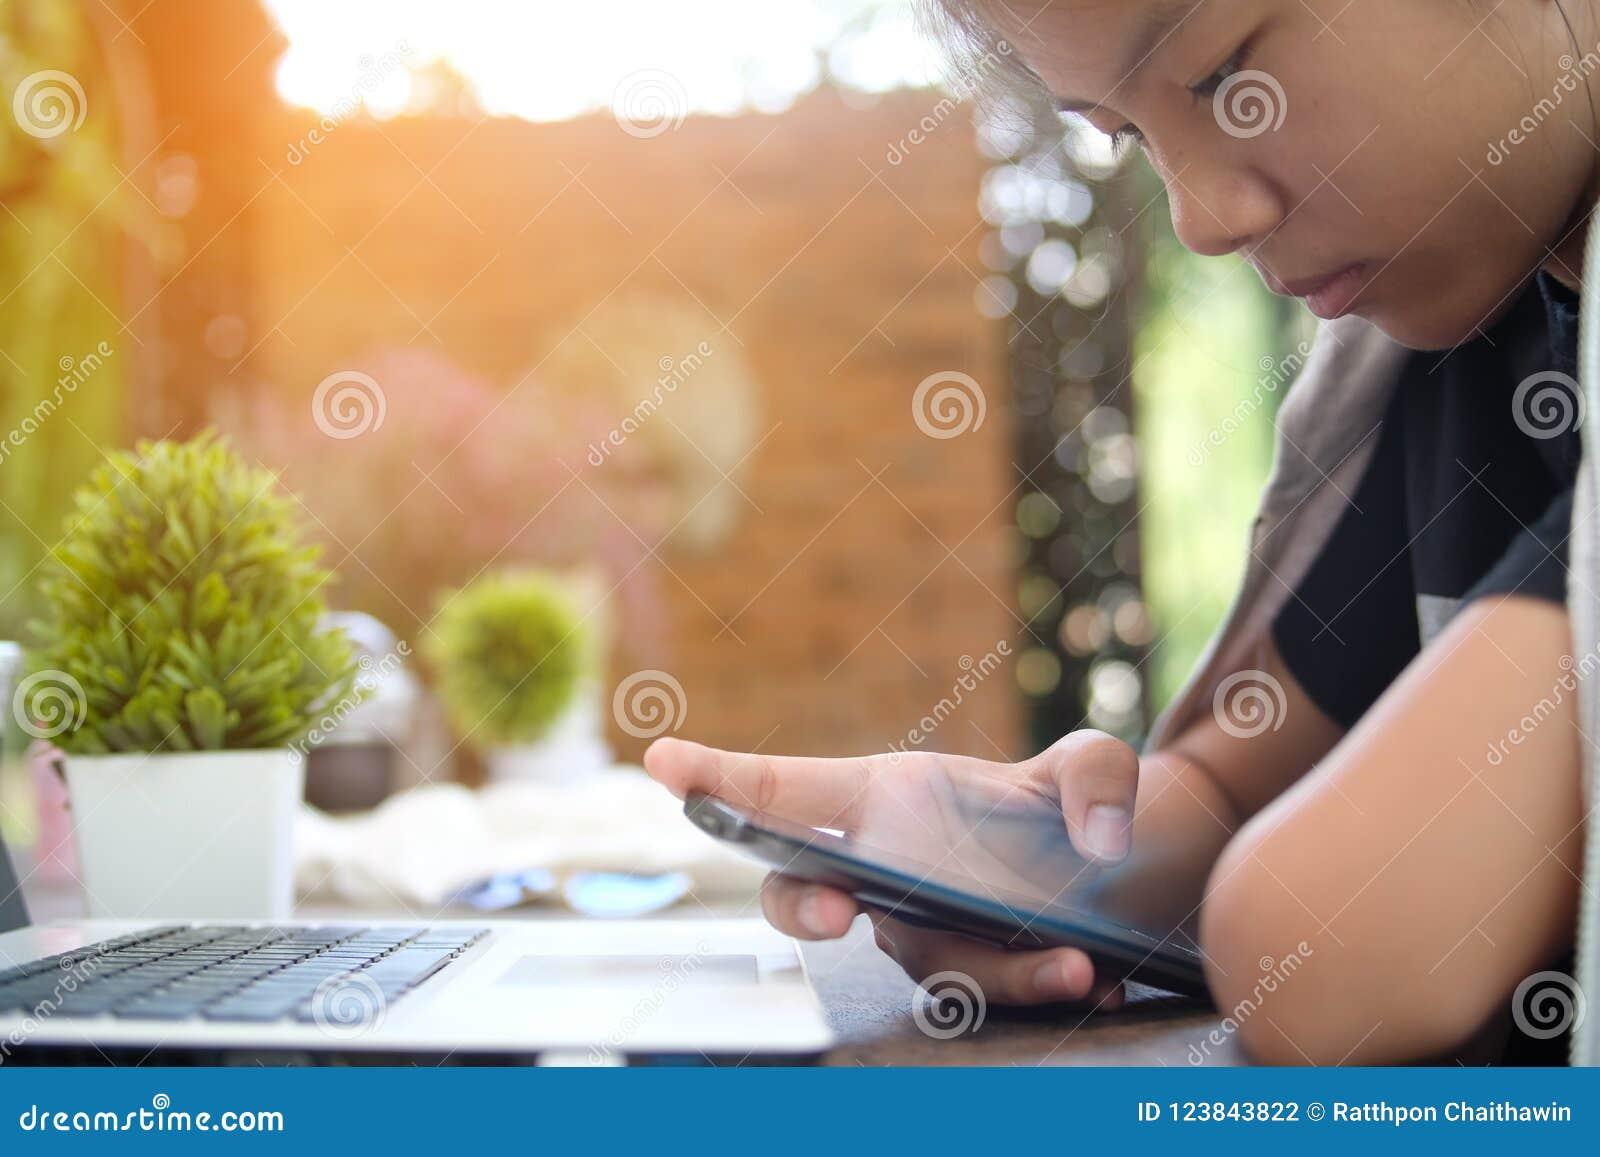 La chica joven del primer utilizó el teléfono móvil, fondo borroso